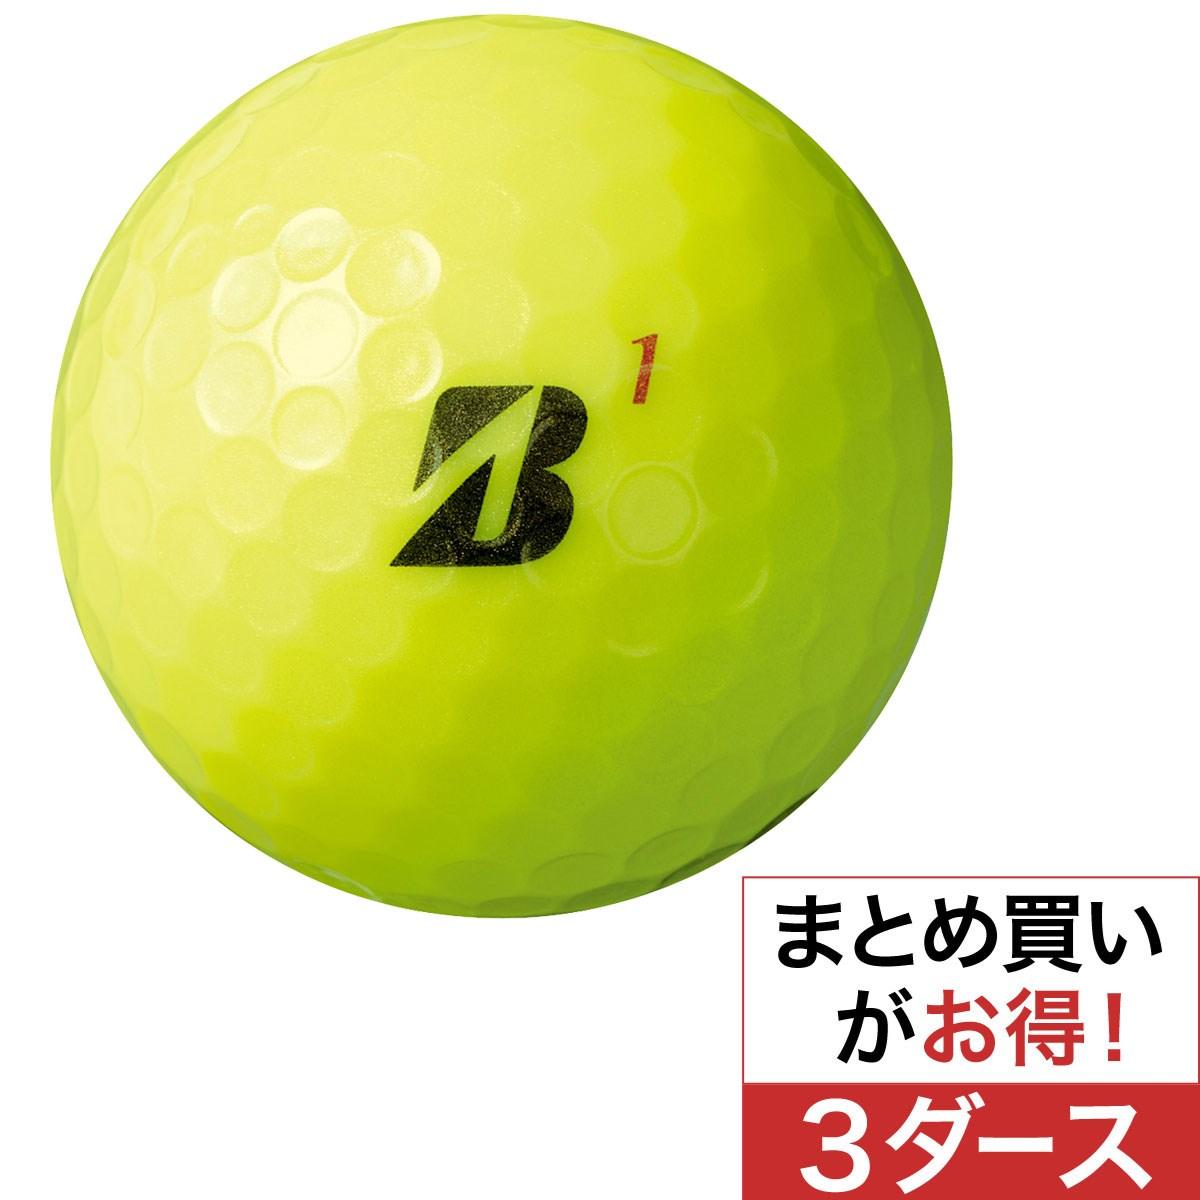 ブリヂストン(BRIDGESTONE GOLF) TOUR B X ボール 3ダースセット【オンネームサービス有り】(文字色:黒のみ)【2020年2月21日発売予定】